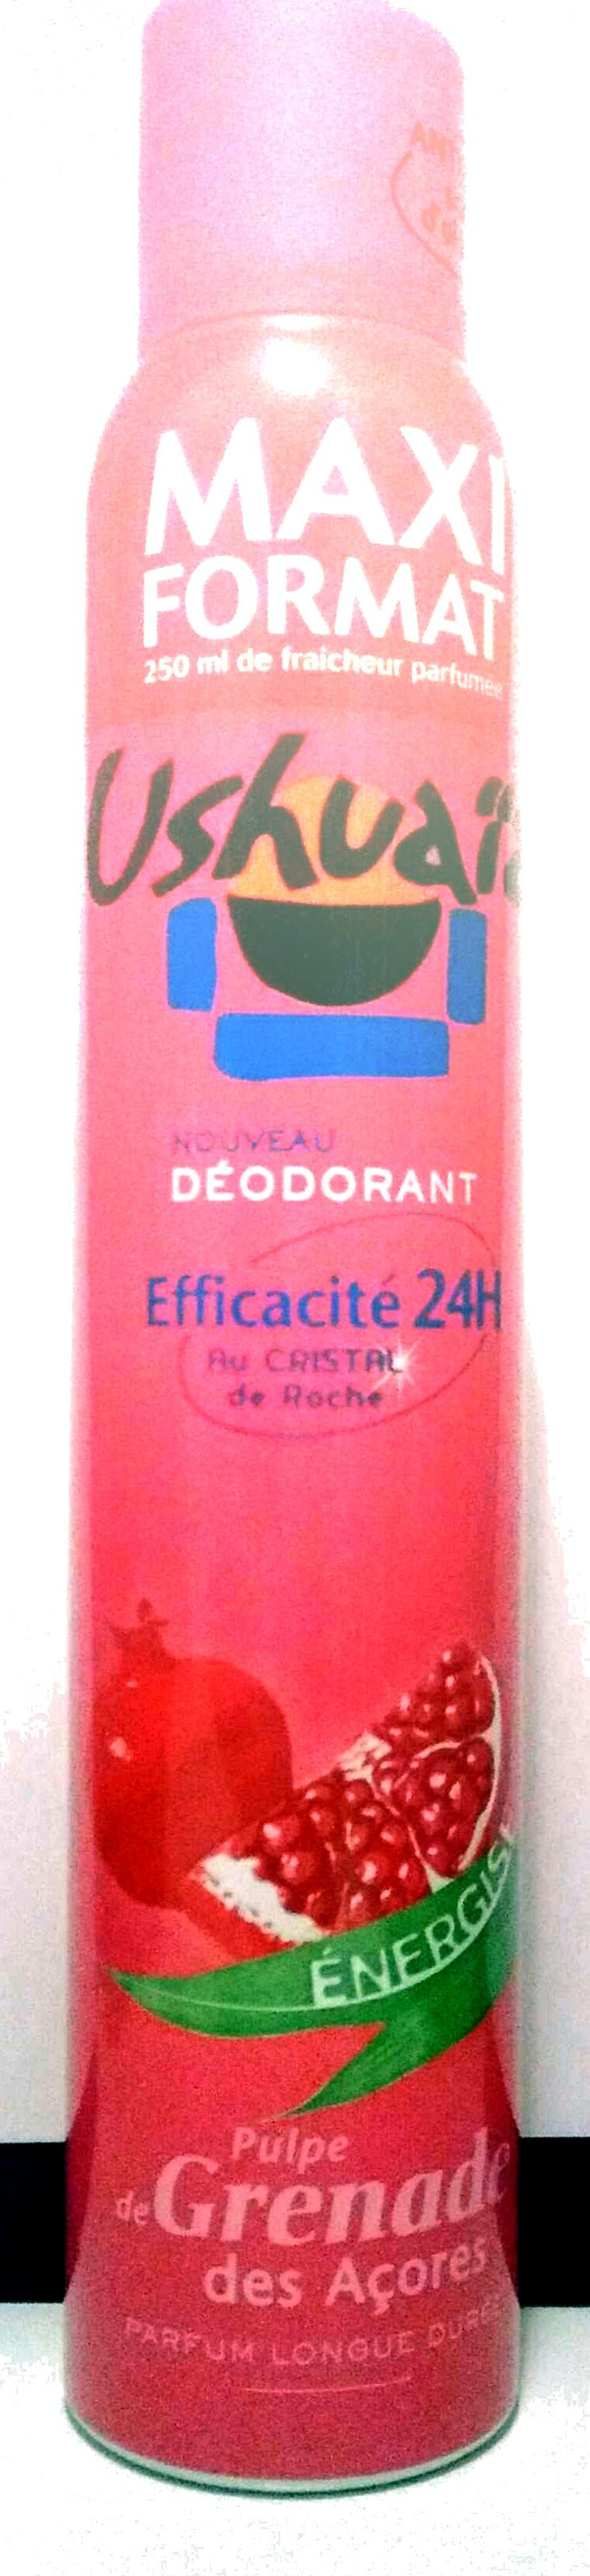 Déodorant efficacité 24h Pulpe de Grenade des Açores - Produit